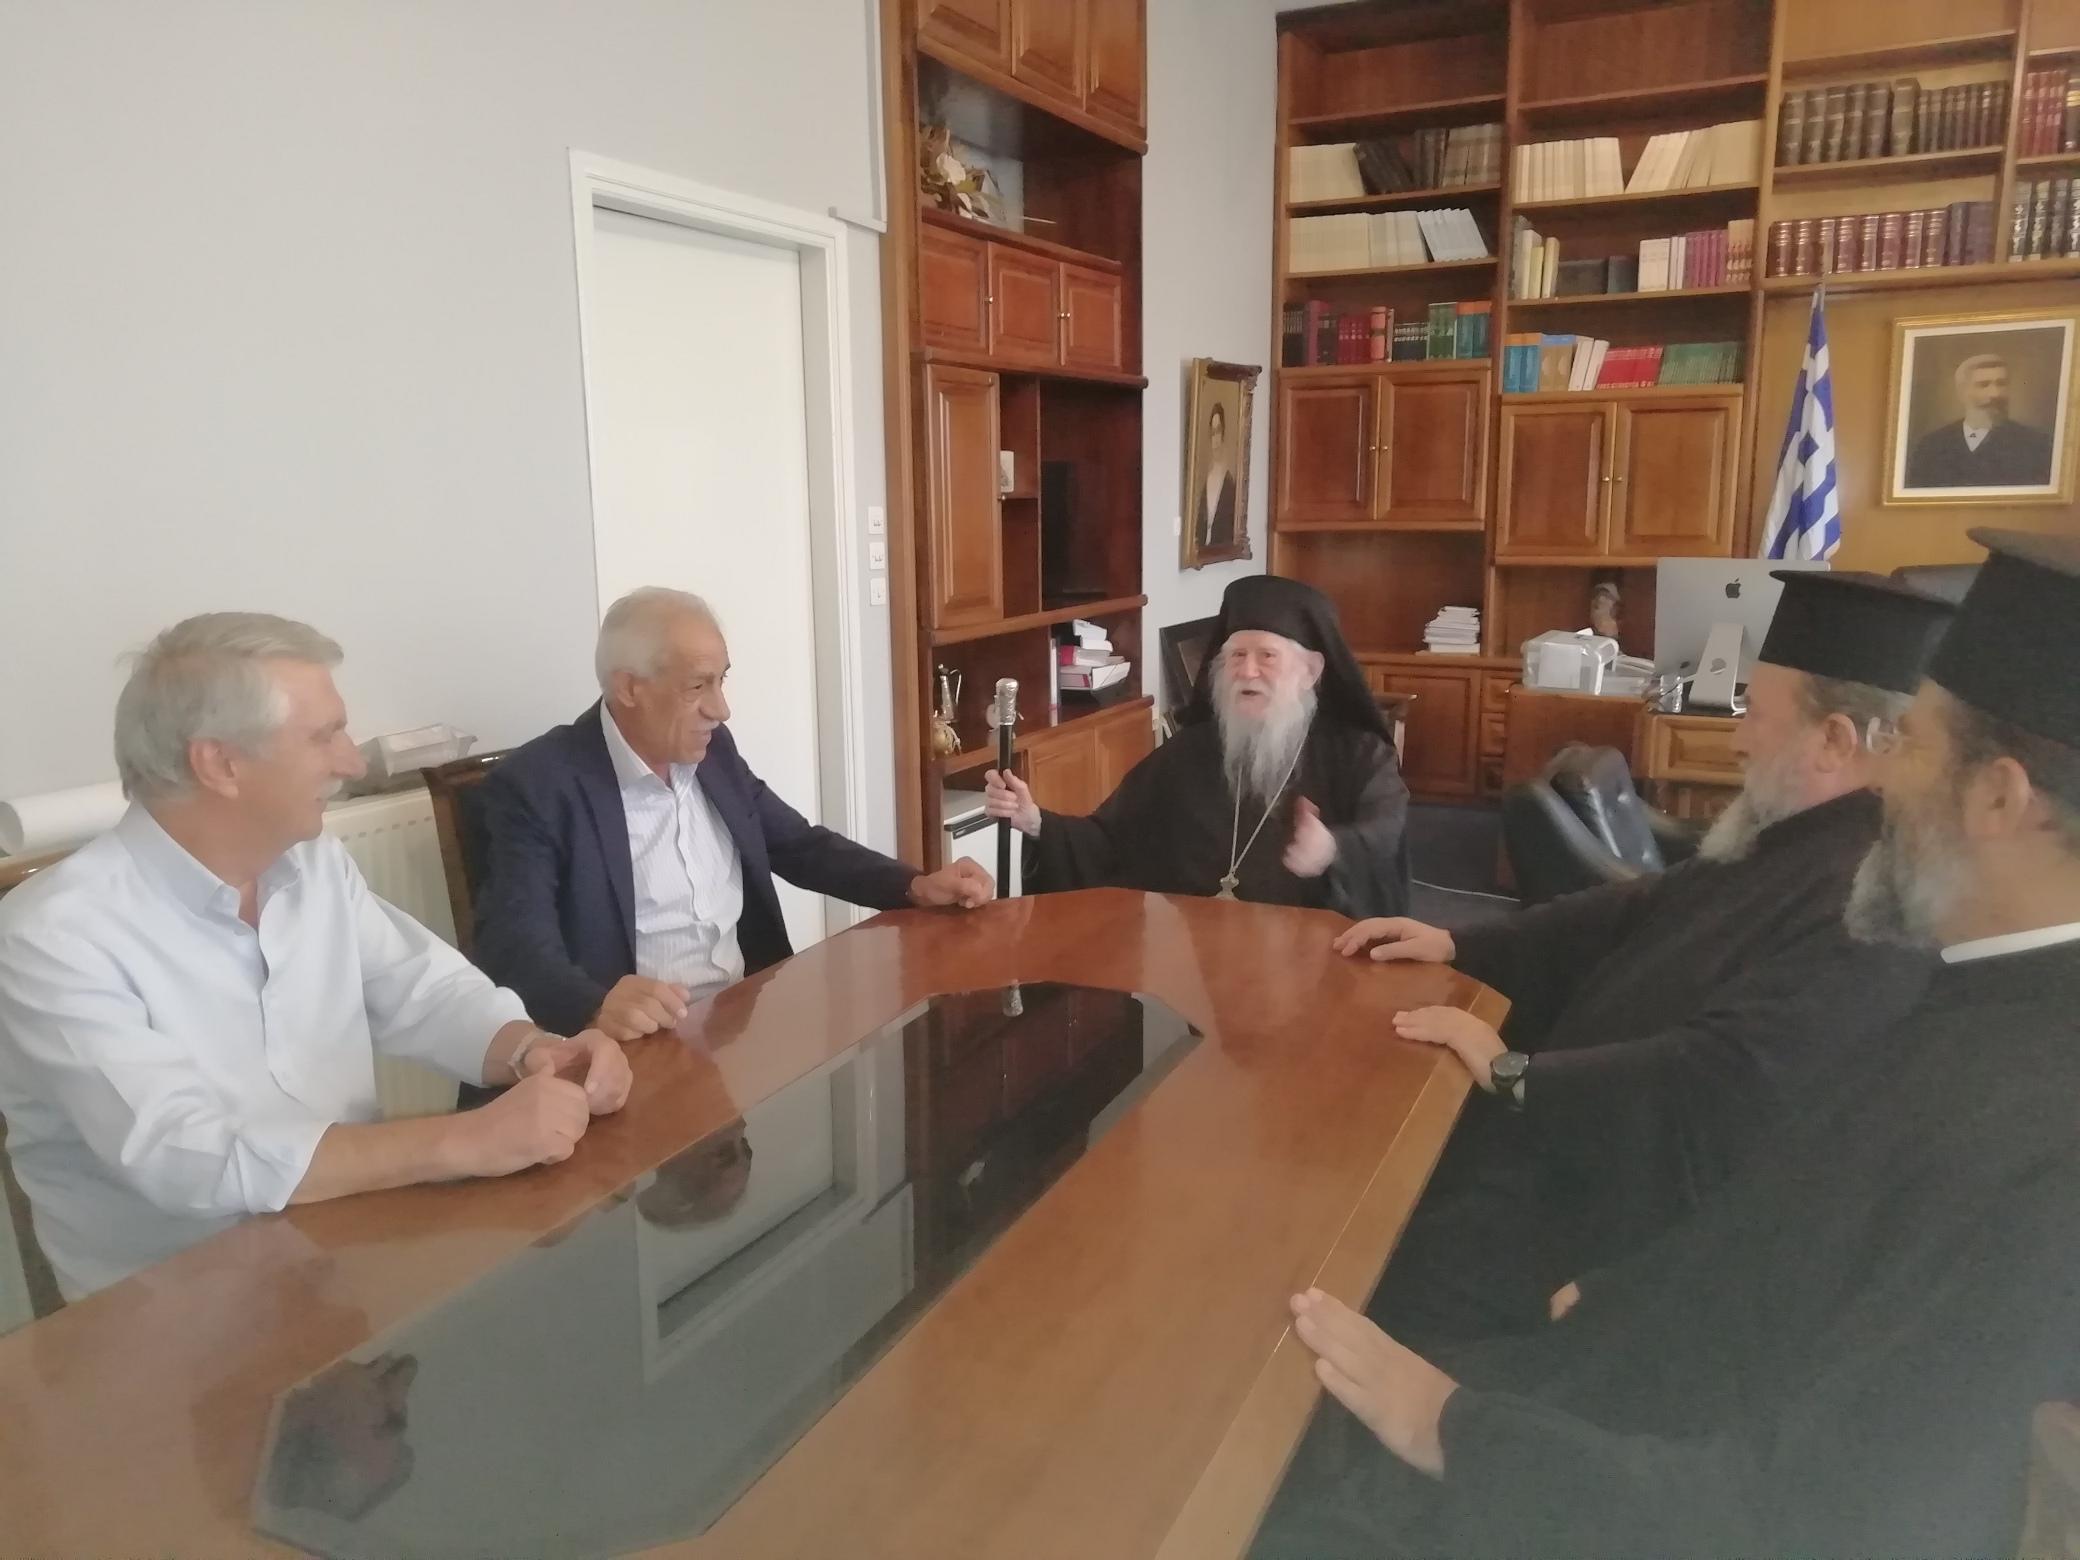 Αμαλιάδα: Εθιμοτυπική επίσκεψη του Μητροπολίτη Ηλείας κ.κ. Γερμανού στον Δήμαρχο Ήλιδας Γιάννη Λυμπέρη - Ευχές για να συνεχίσει το έργο του (photos)